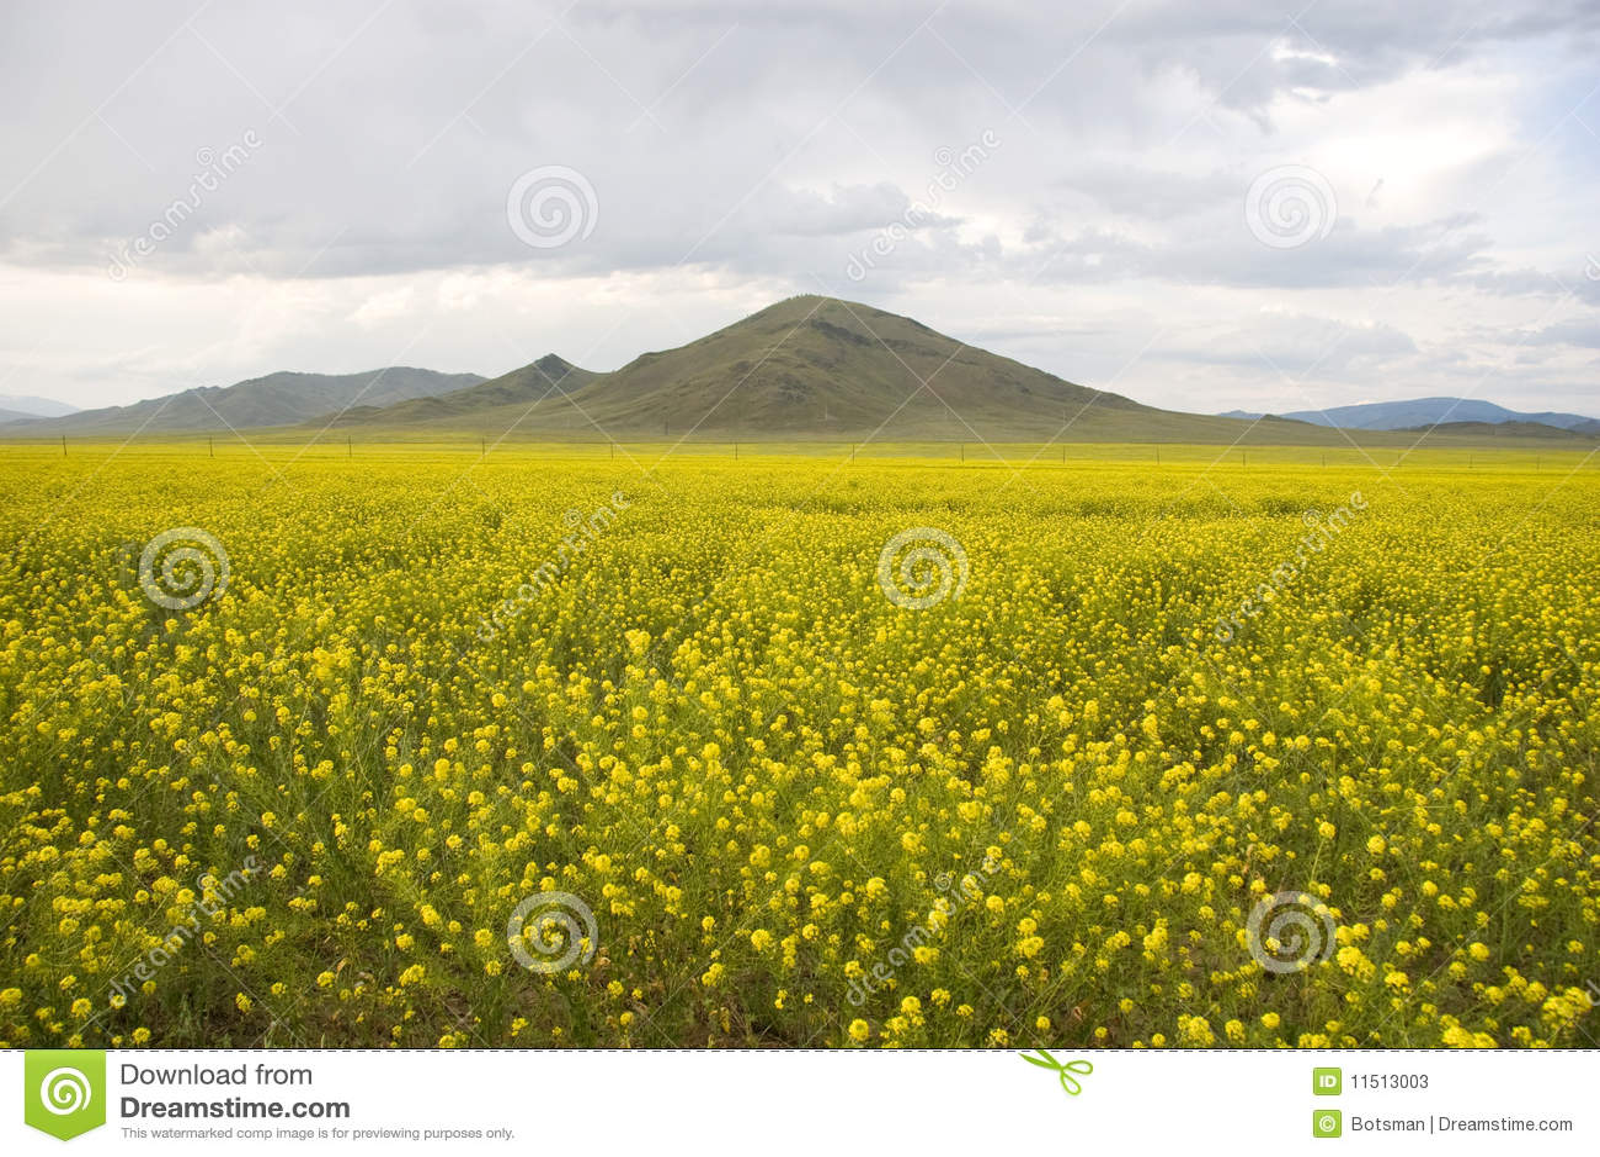 草比黄色图片网站_域草黄色